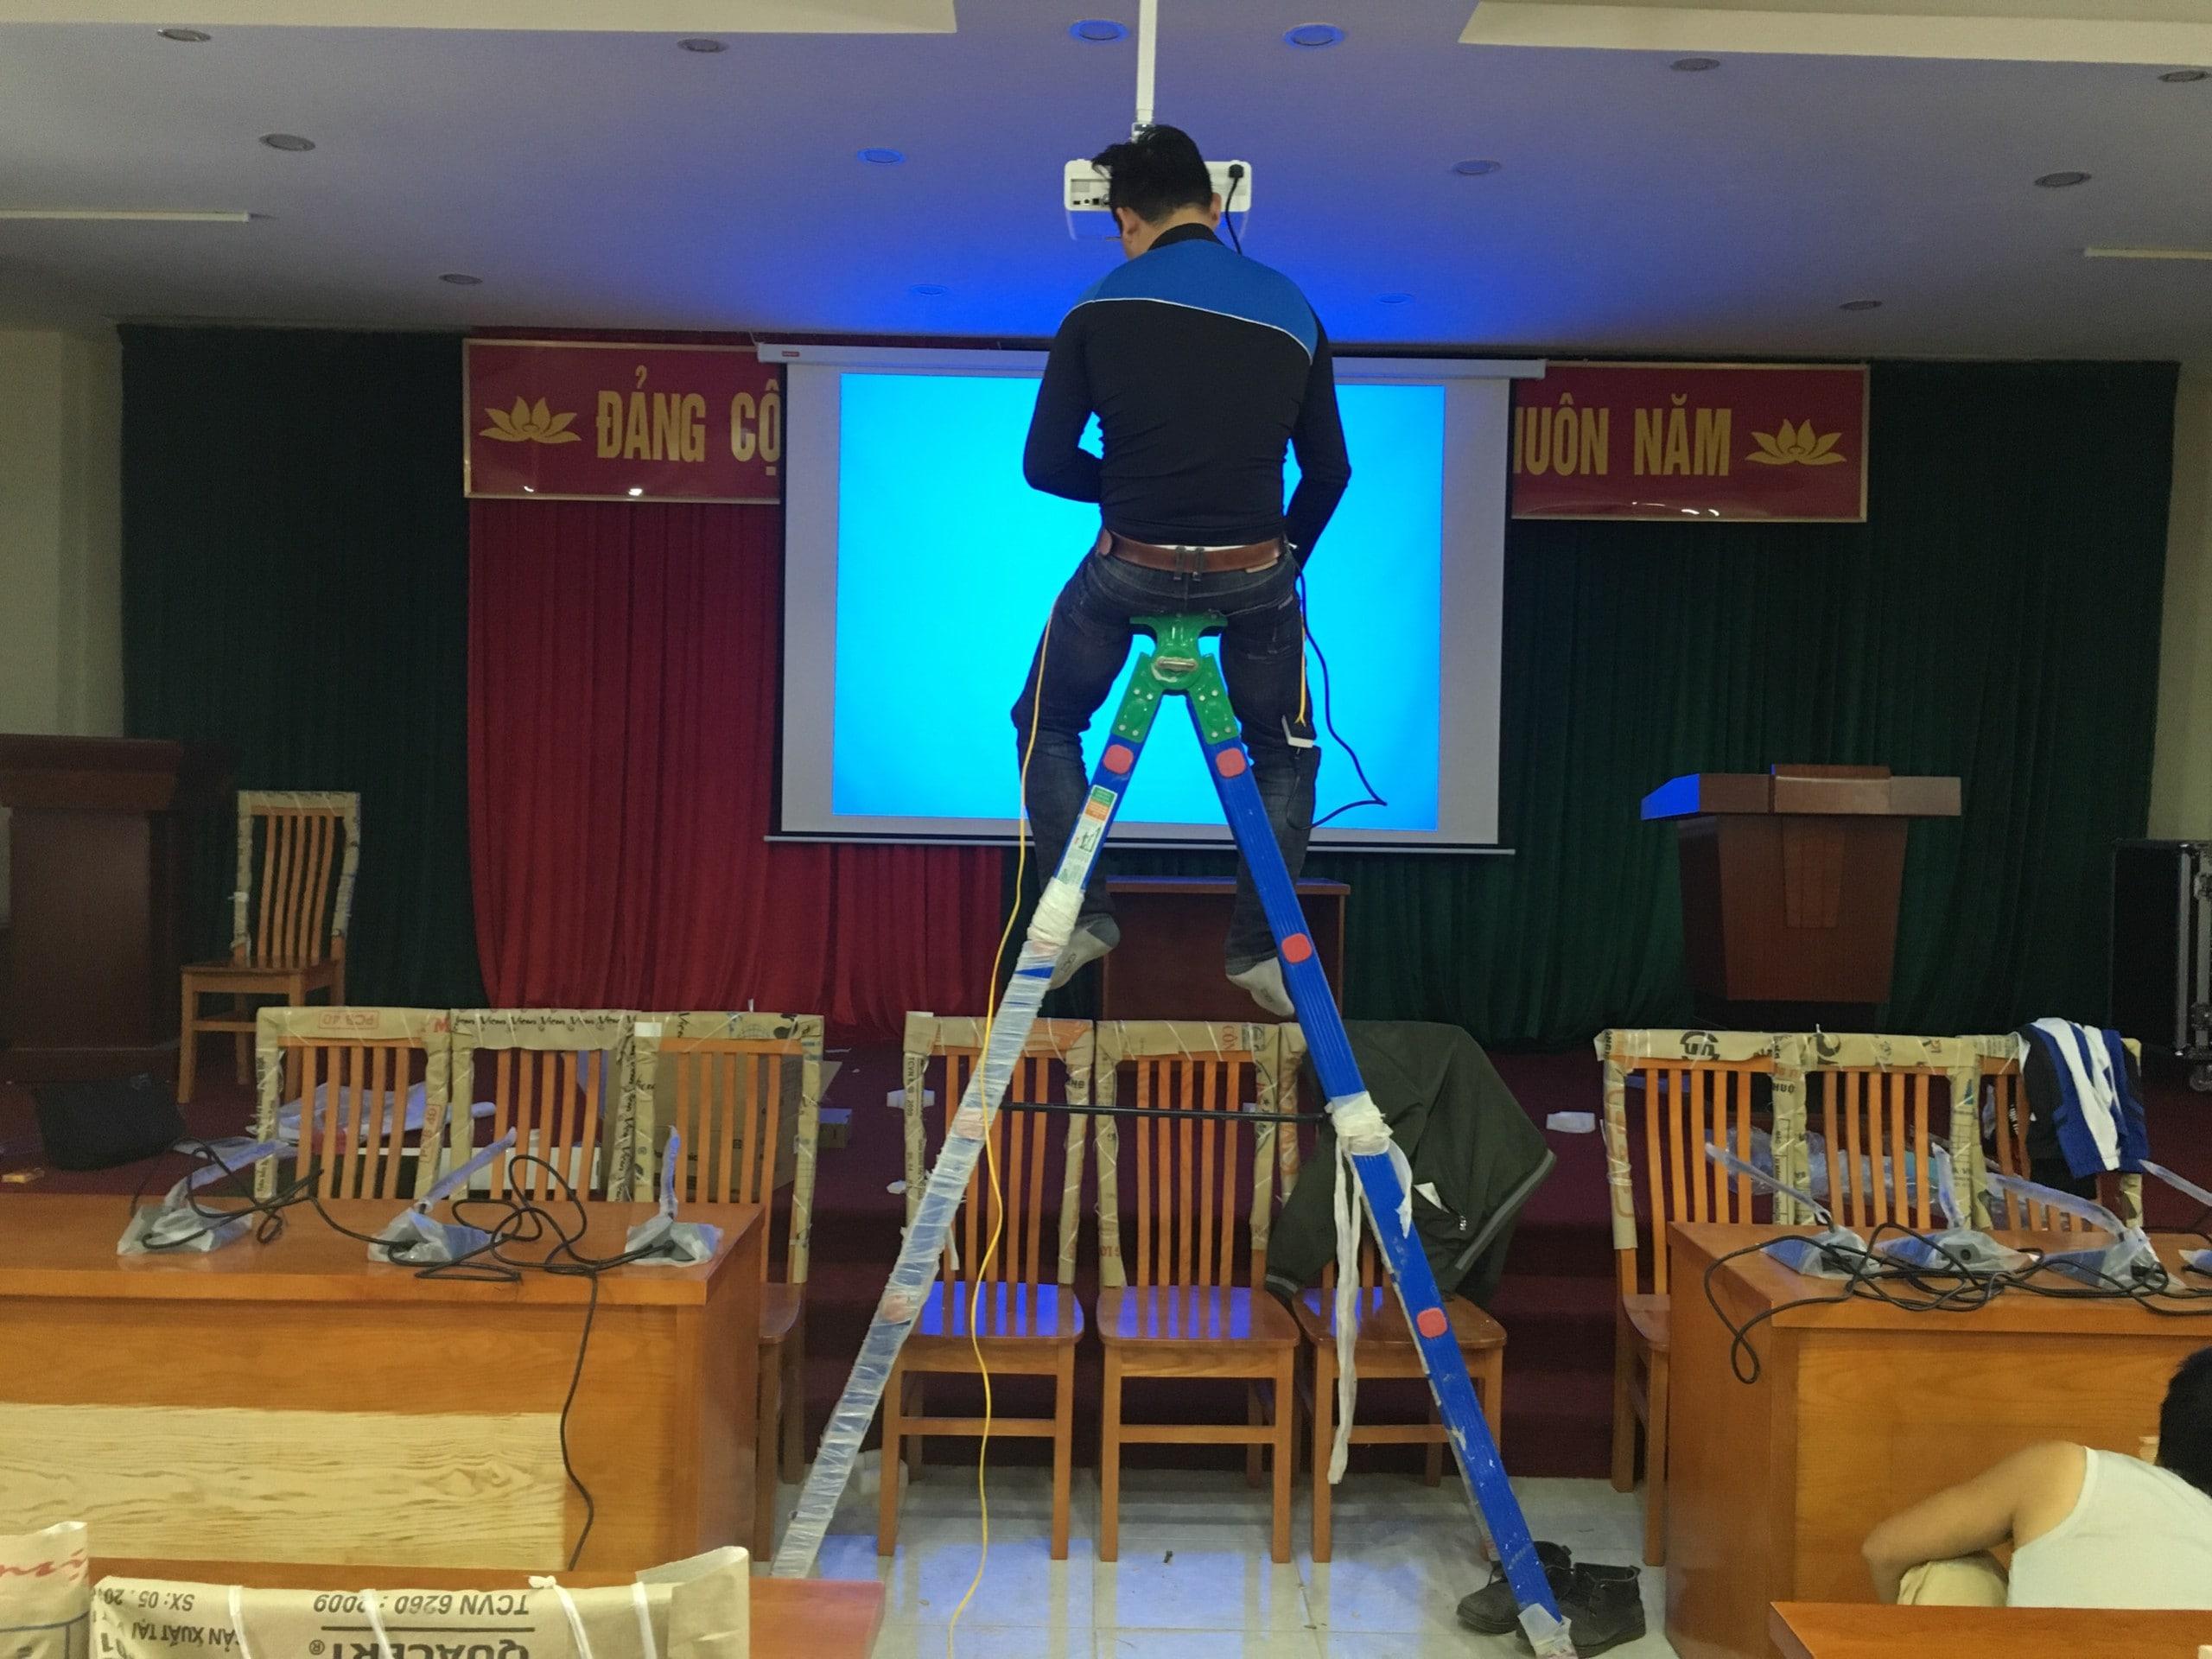 Địa chỉ sửa máy chiếu uy tín tại Hoàng Văn Thái, Ngã Tư Sở - 1